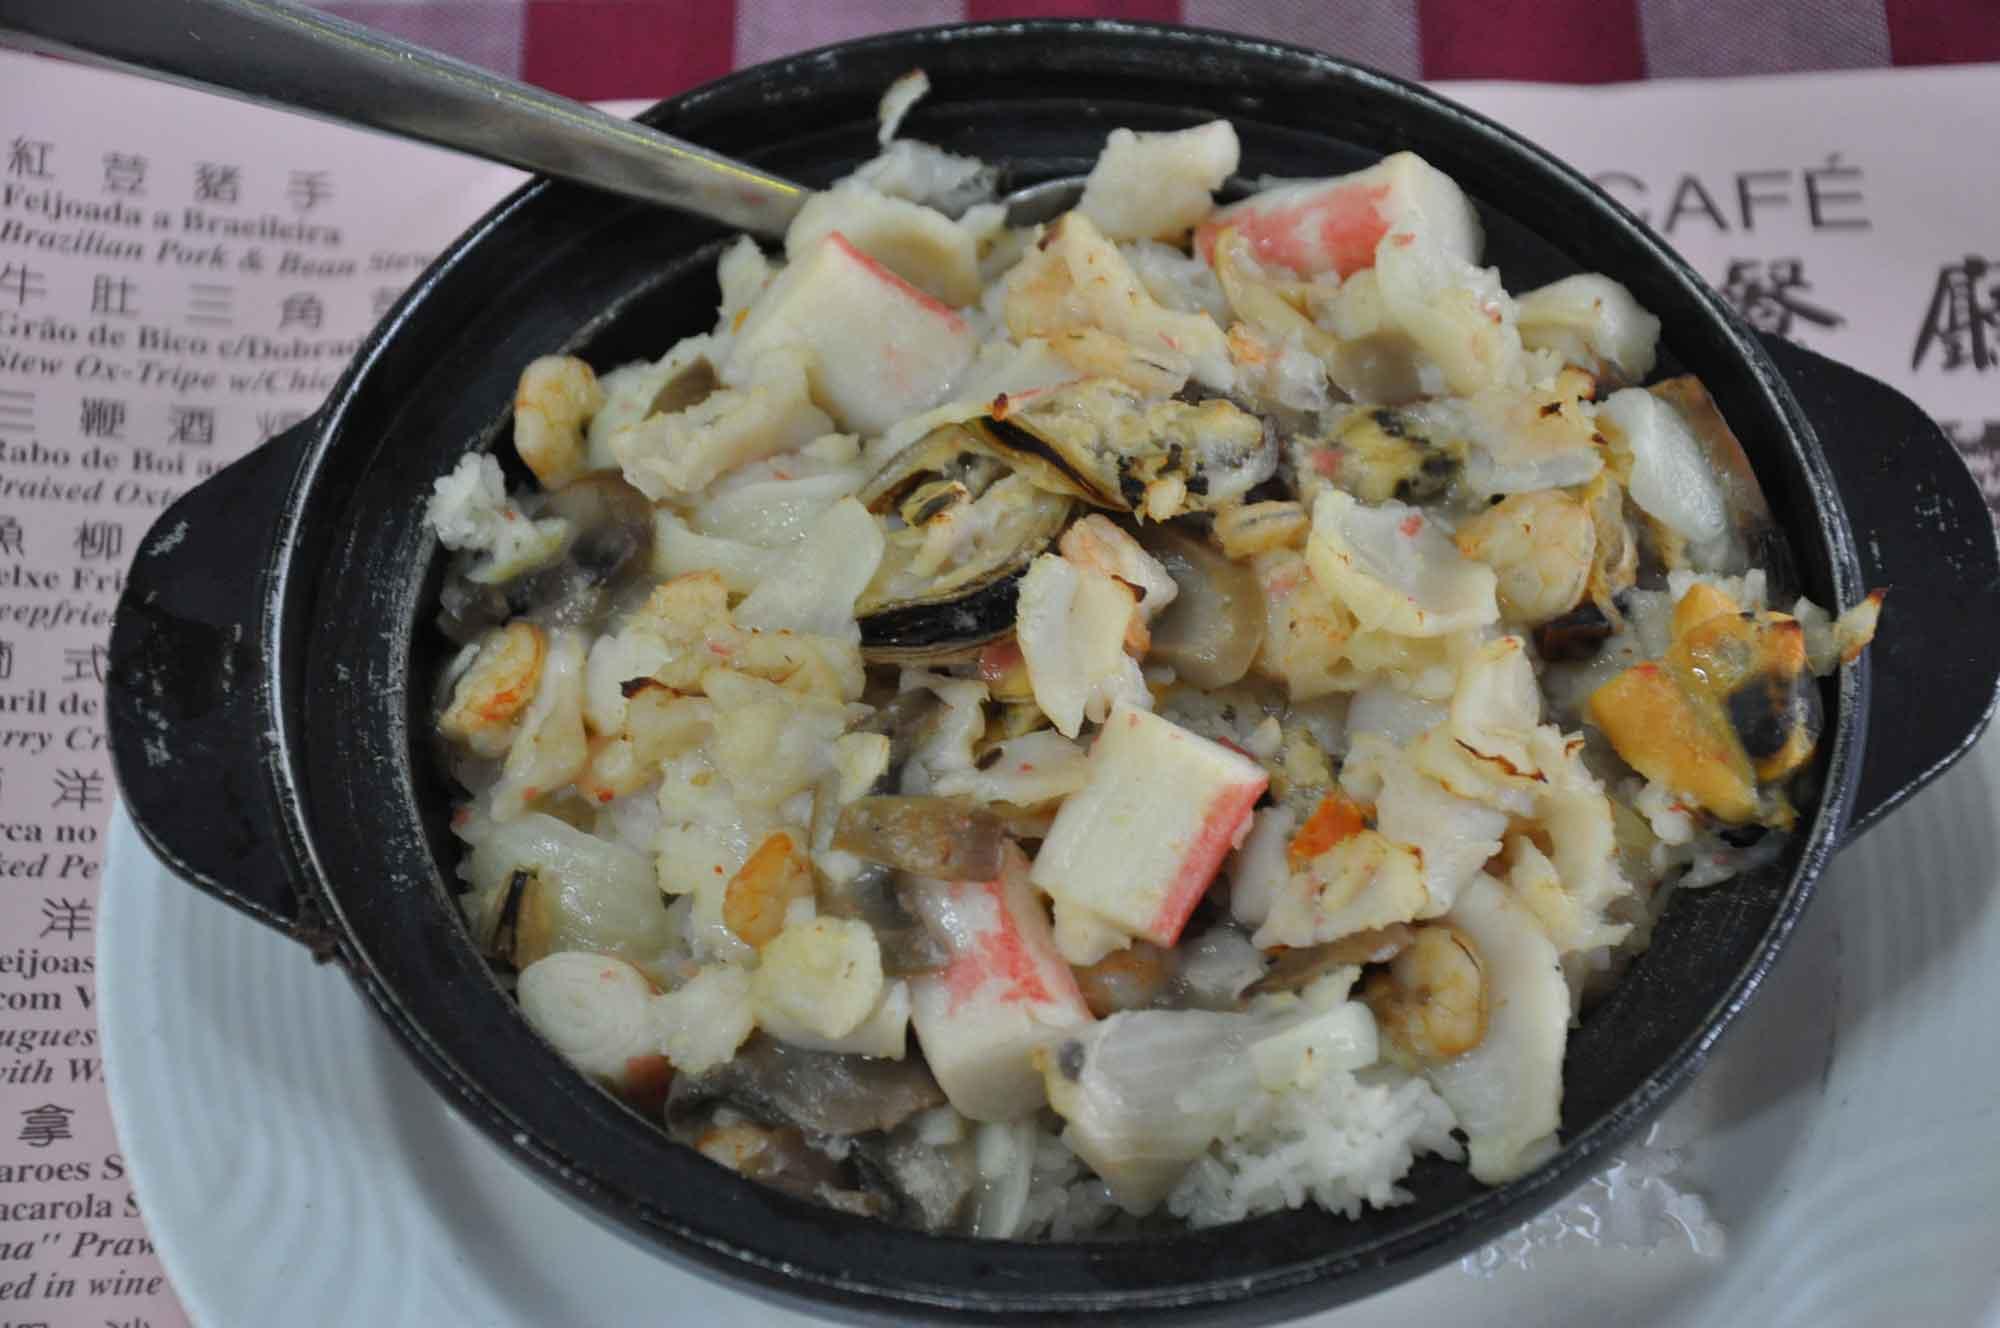 Nga Tim Macau seafood rice